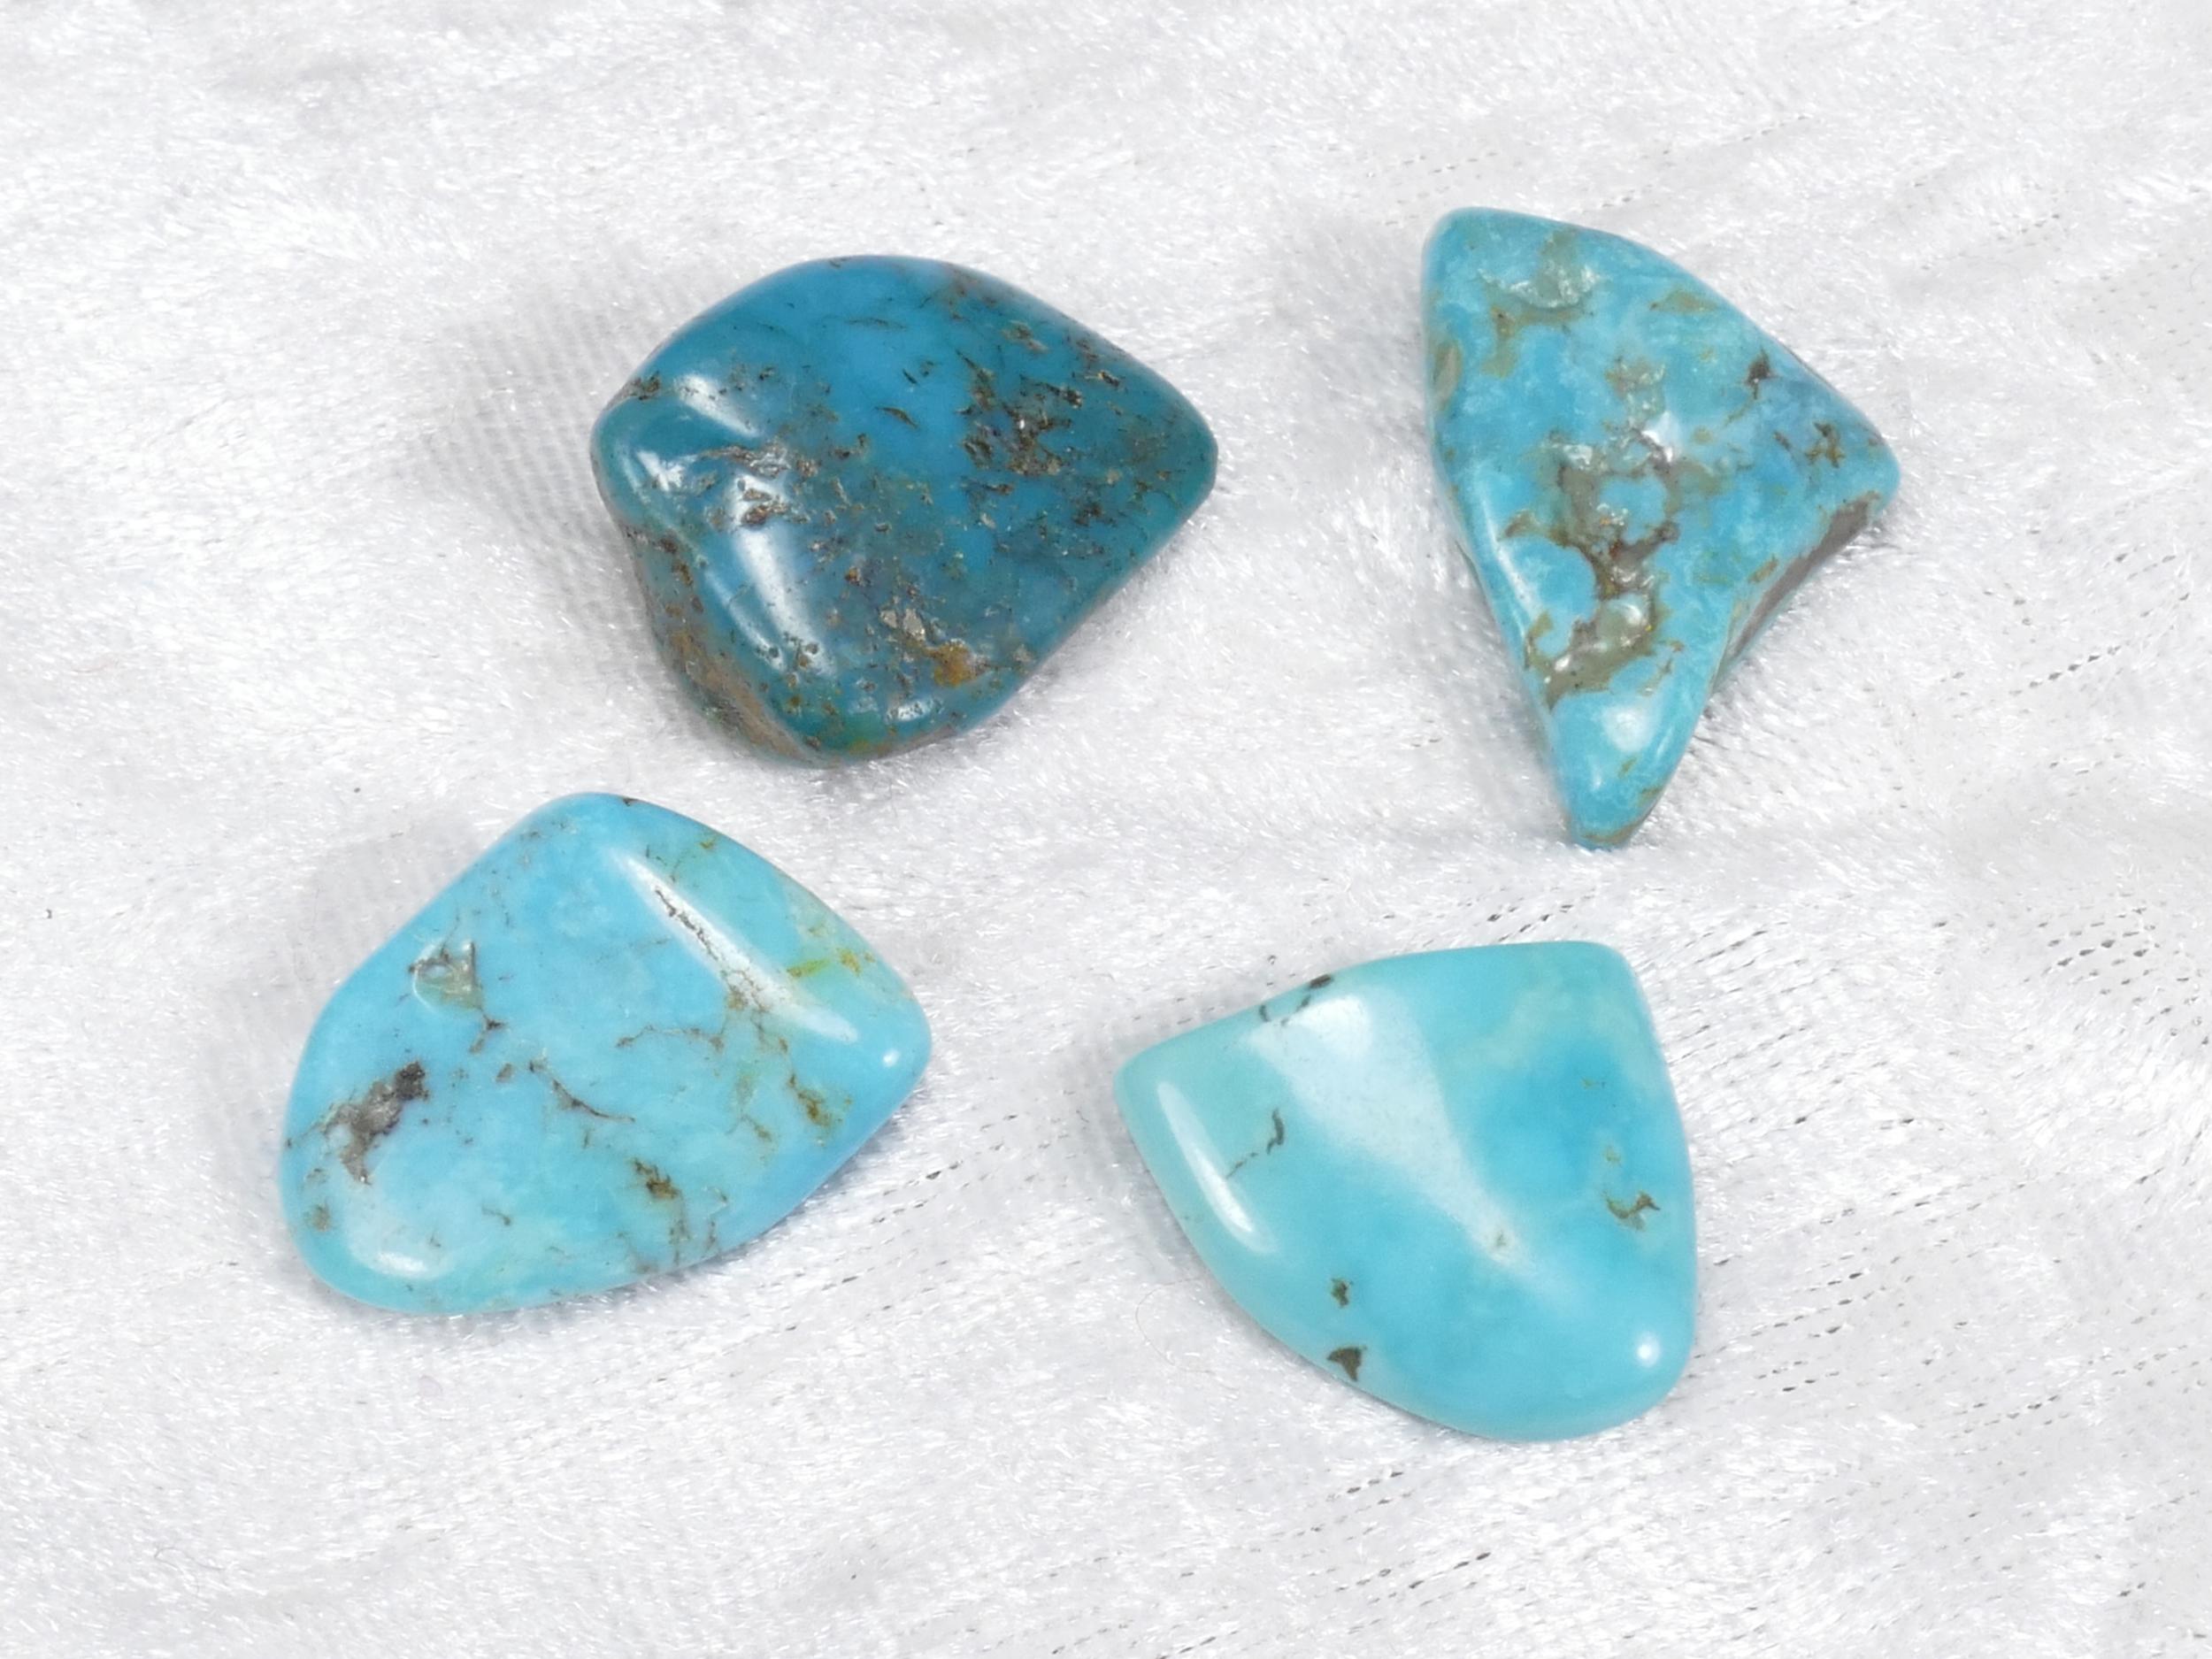 16-25mm 4 Turquoise naturelle en morceau roulé avec matrice 11.88g (#PM357)